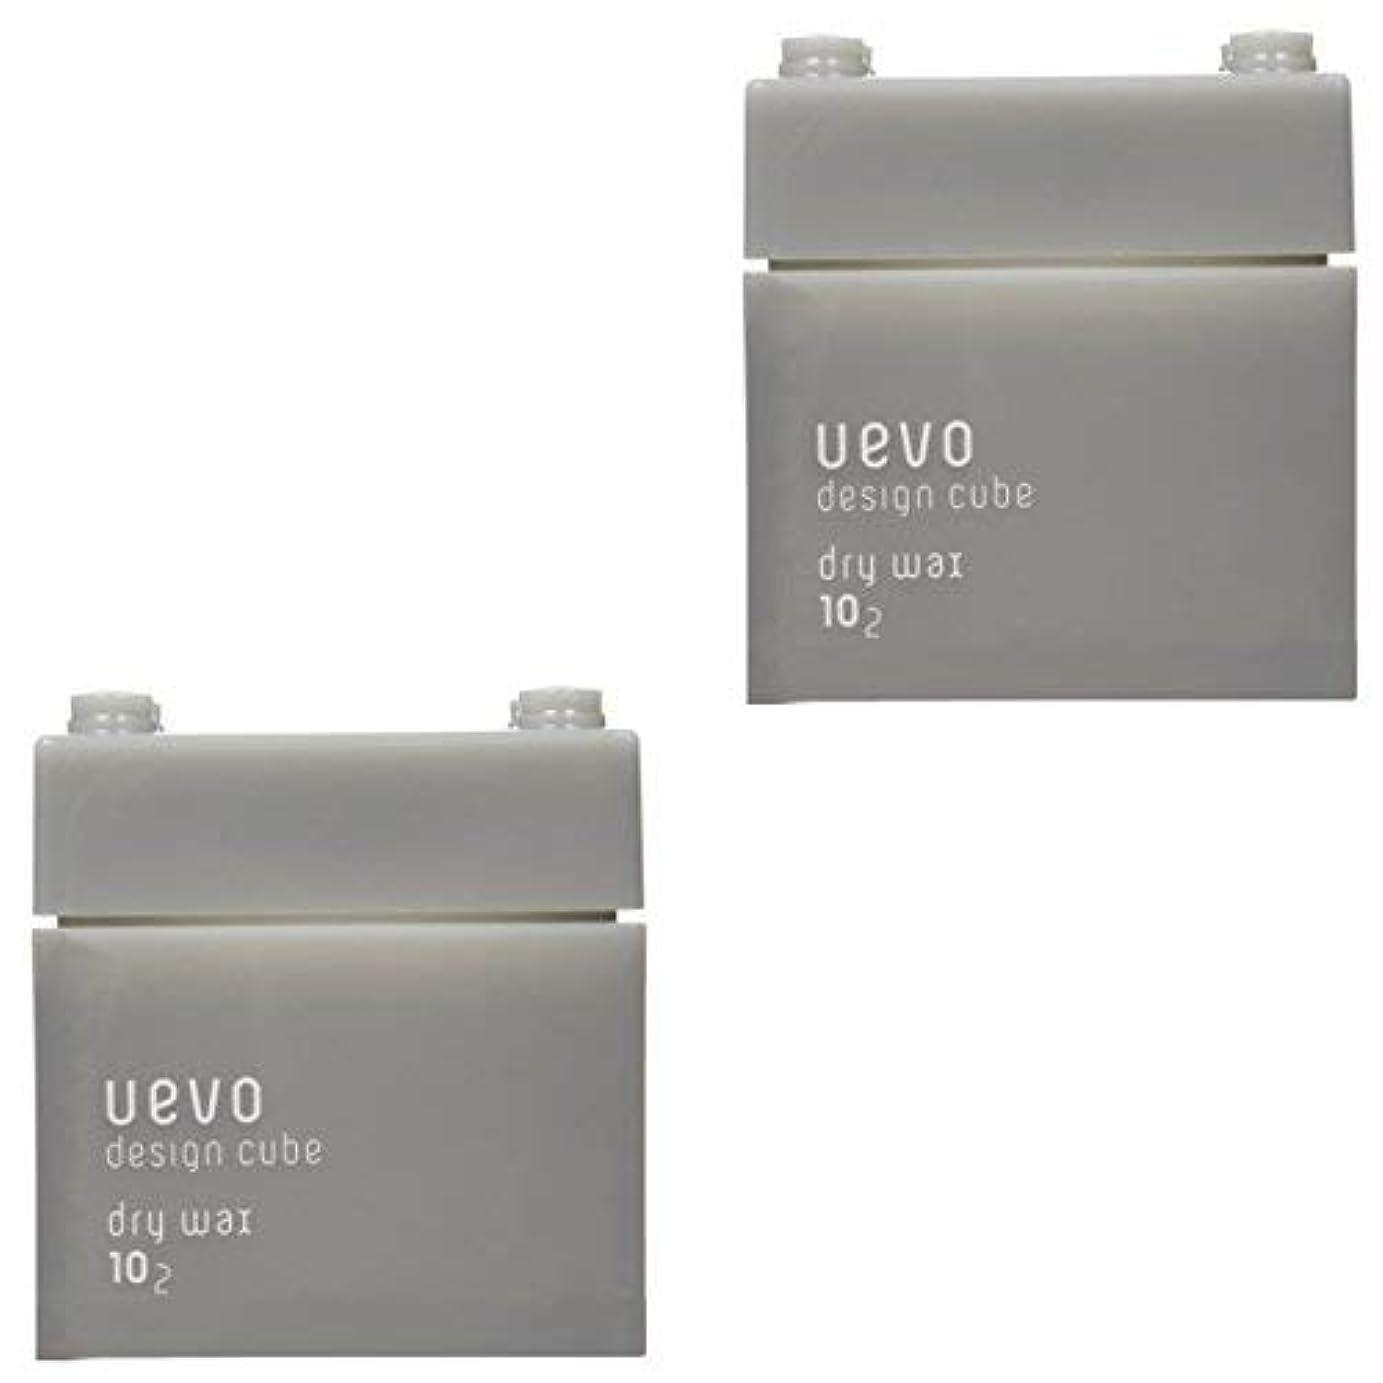 重力レンジ比類のない【X2個セット】 デミ ウェーボ デザインキューブ ドライワックス 80g dry wax DEMI uevo design cube